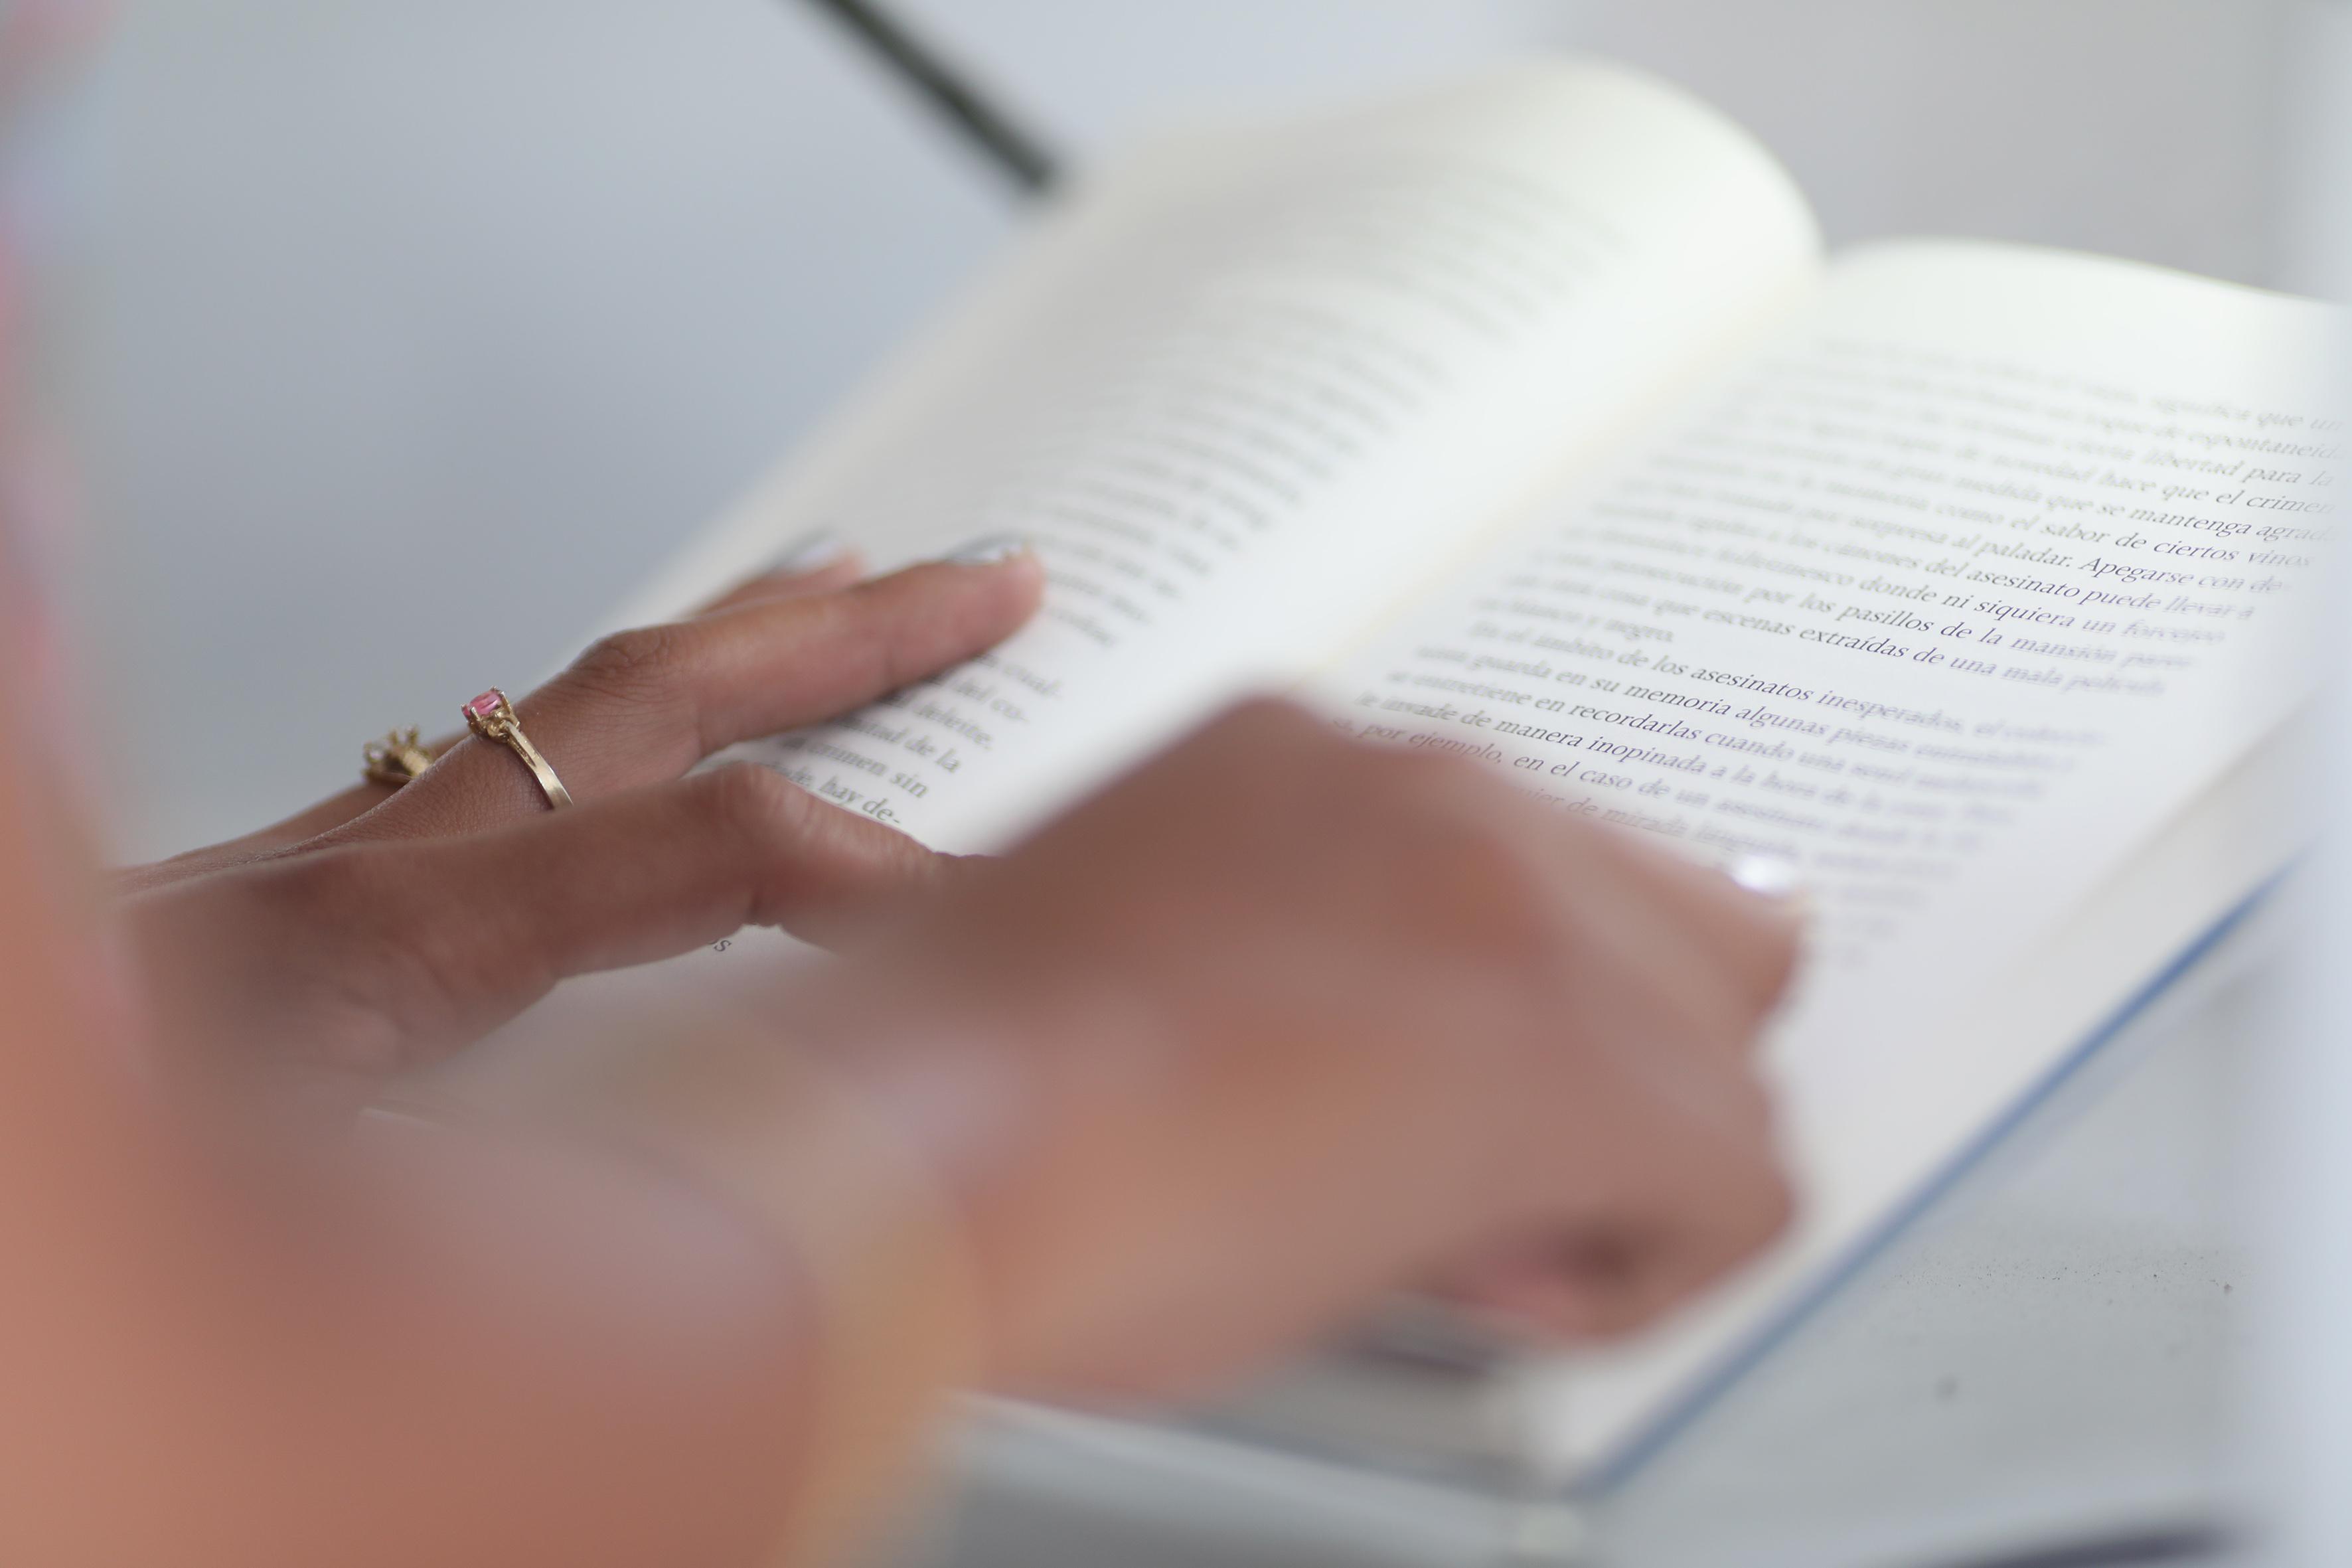 Mujer siguiendo la lectura del libro con su dedo índice.